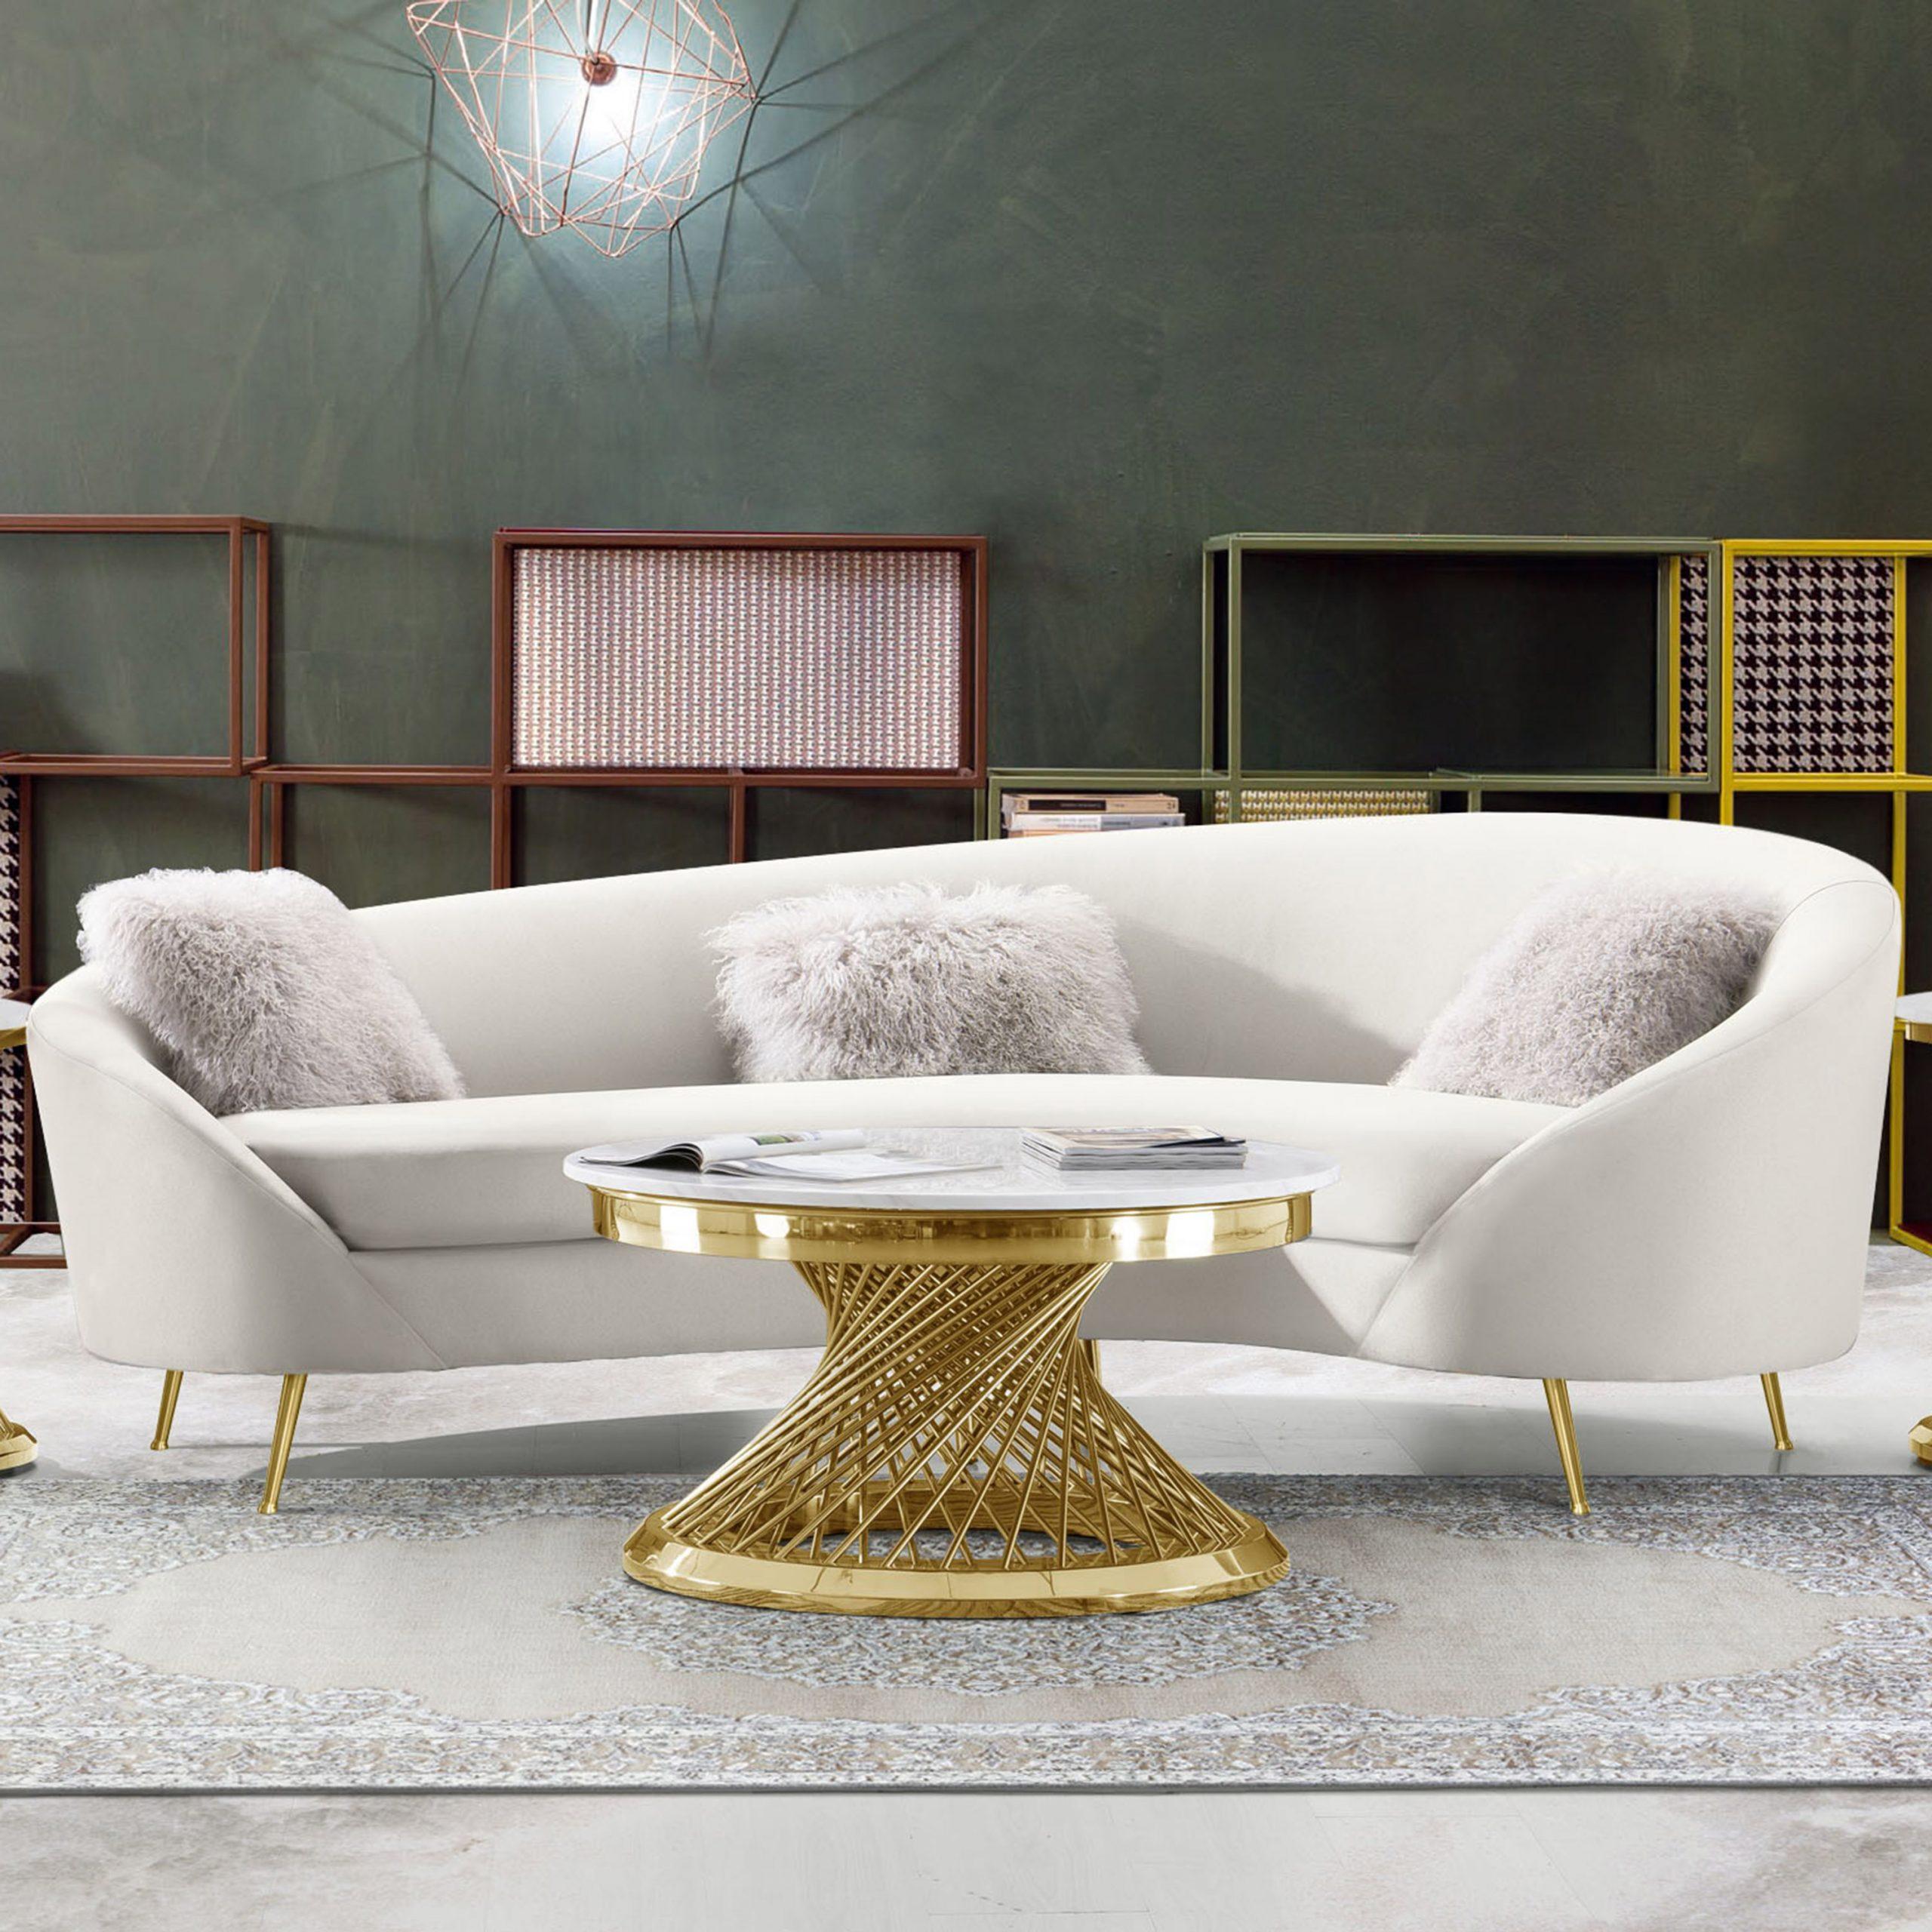 Celine Sofa By Diamond Sofa